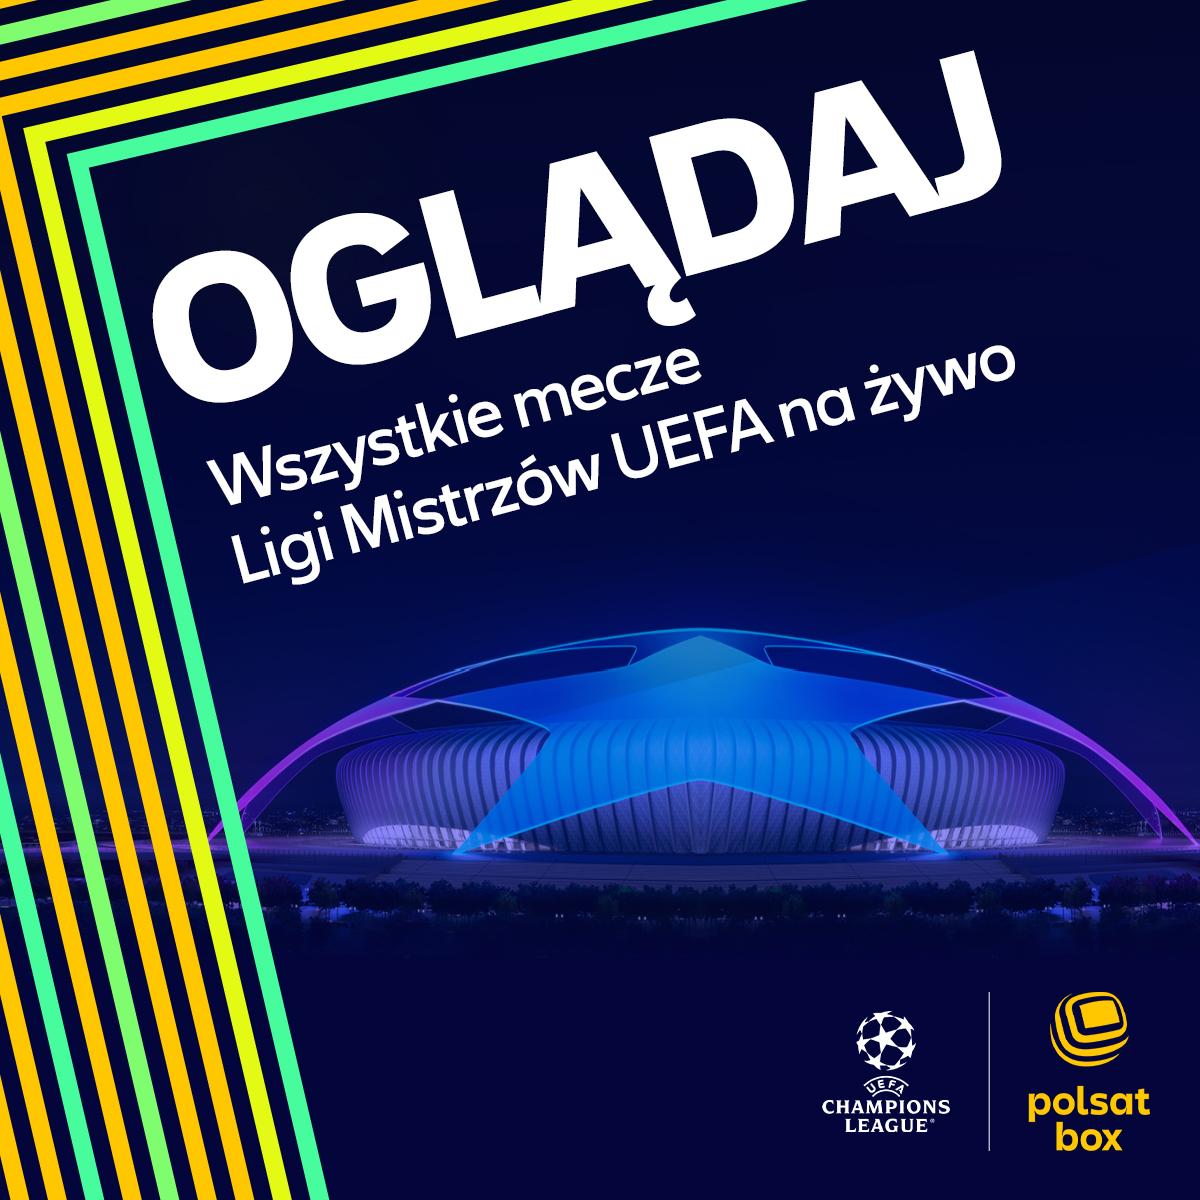 kolejne_sezony_ligi_mistrzow_uefa_w_polsat_box.jpg